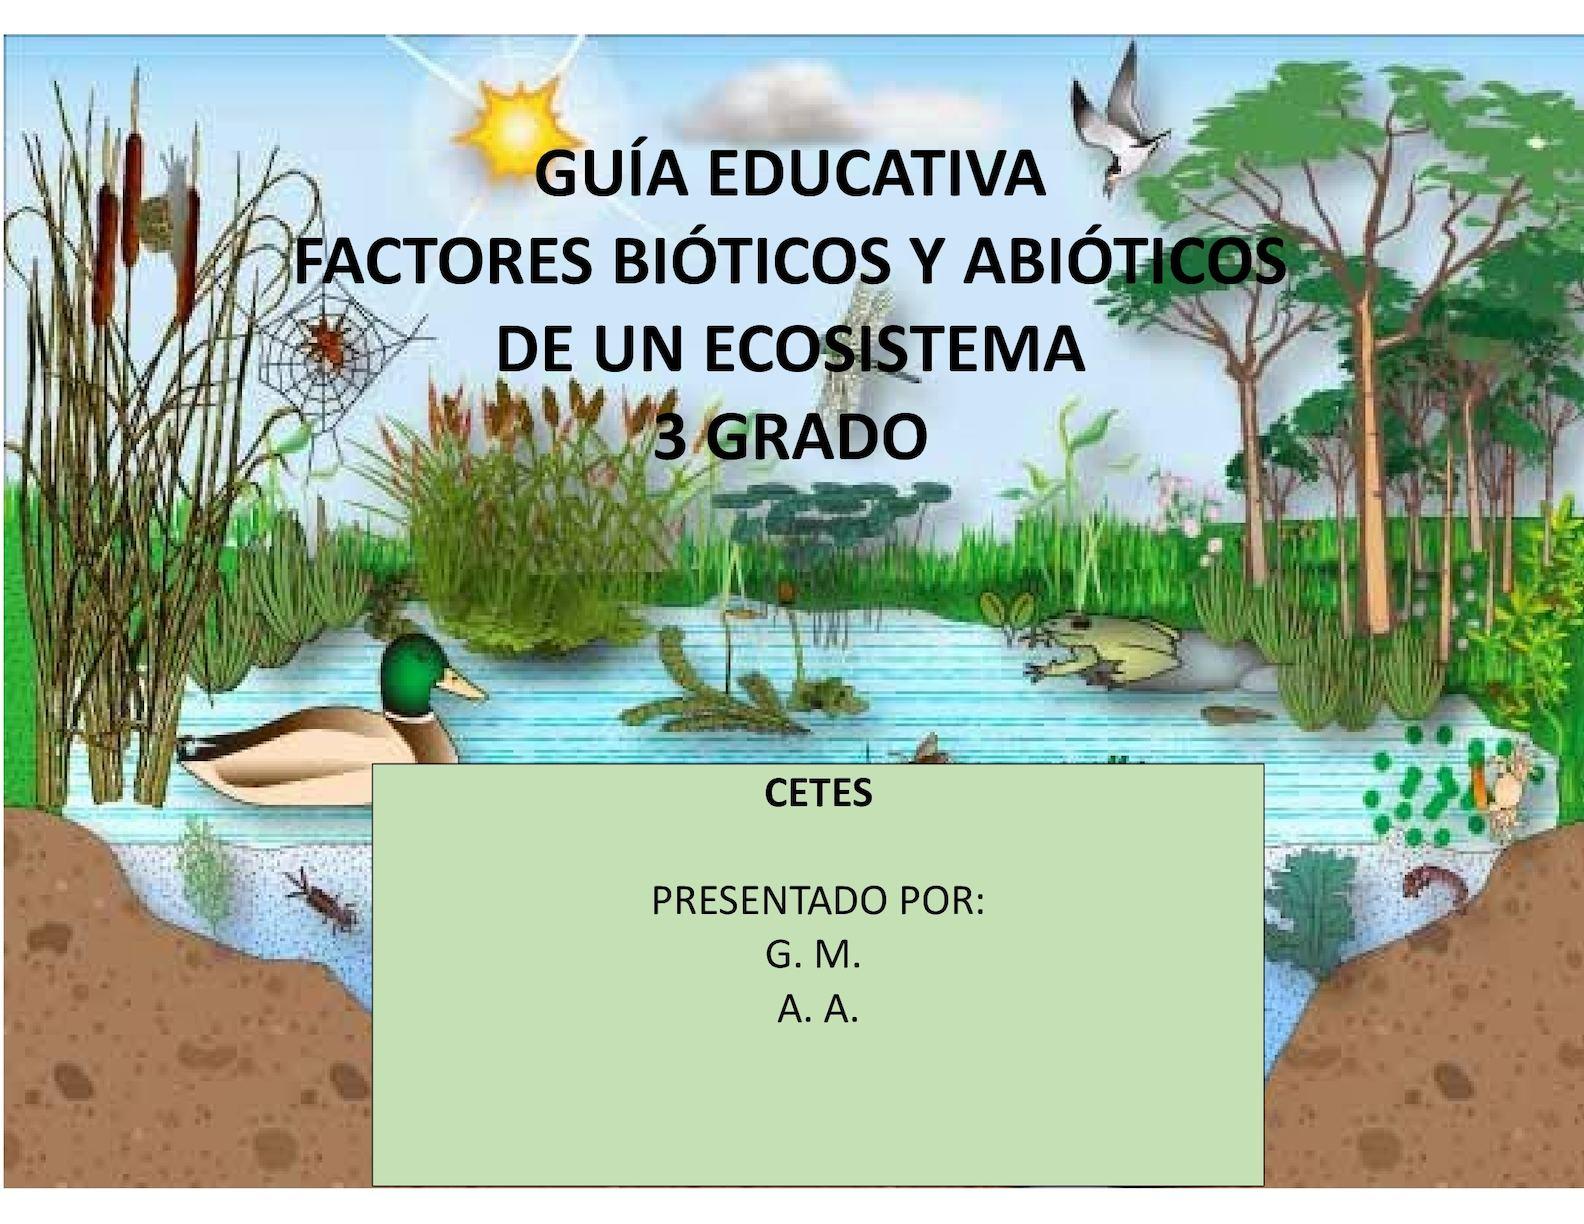 Calam o gu a didactica 3 grado factores bioticos y abioticos for Definicion de cuarto